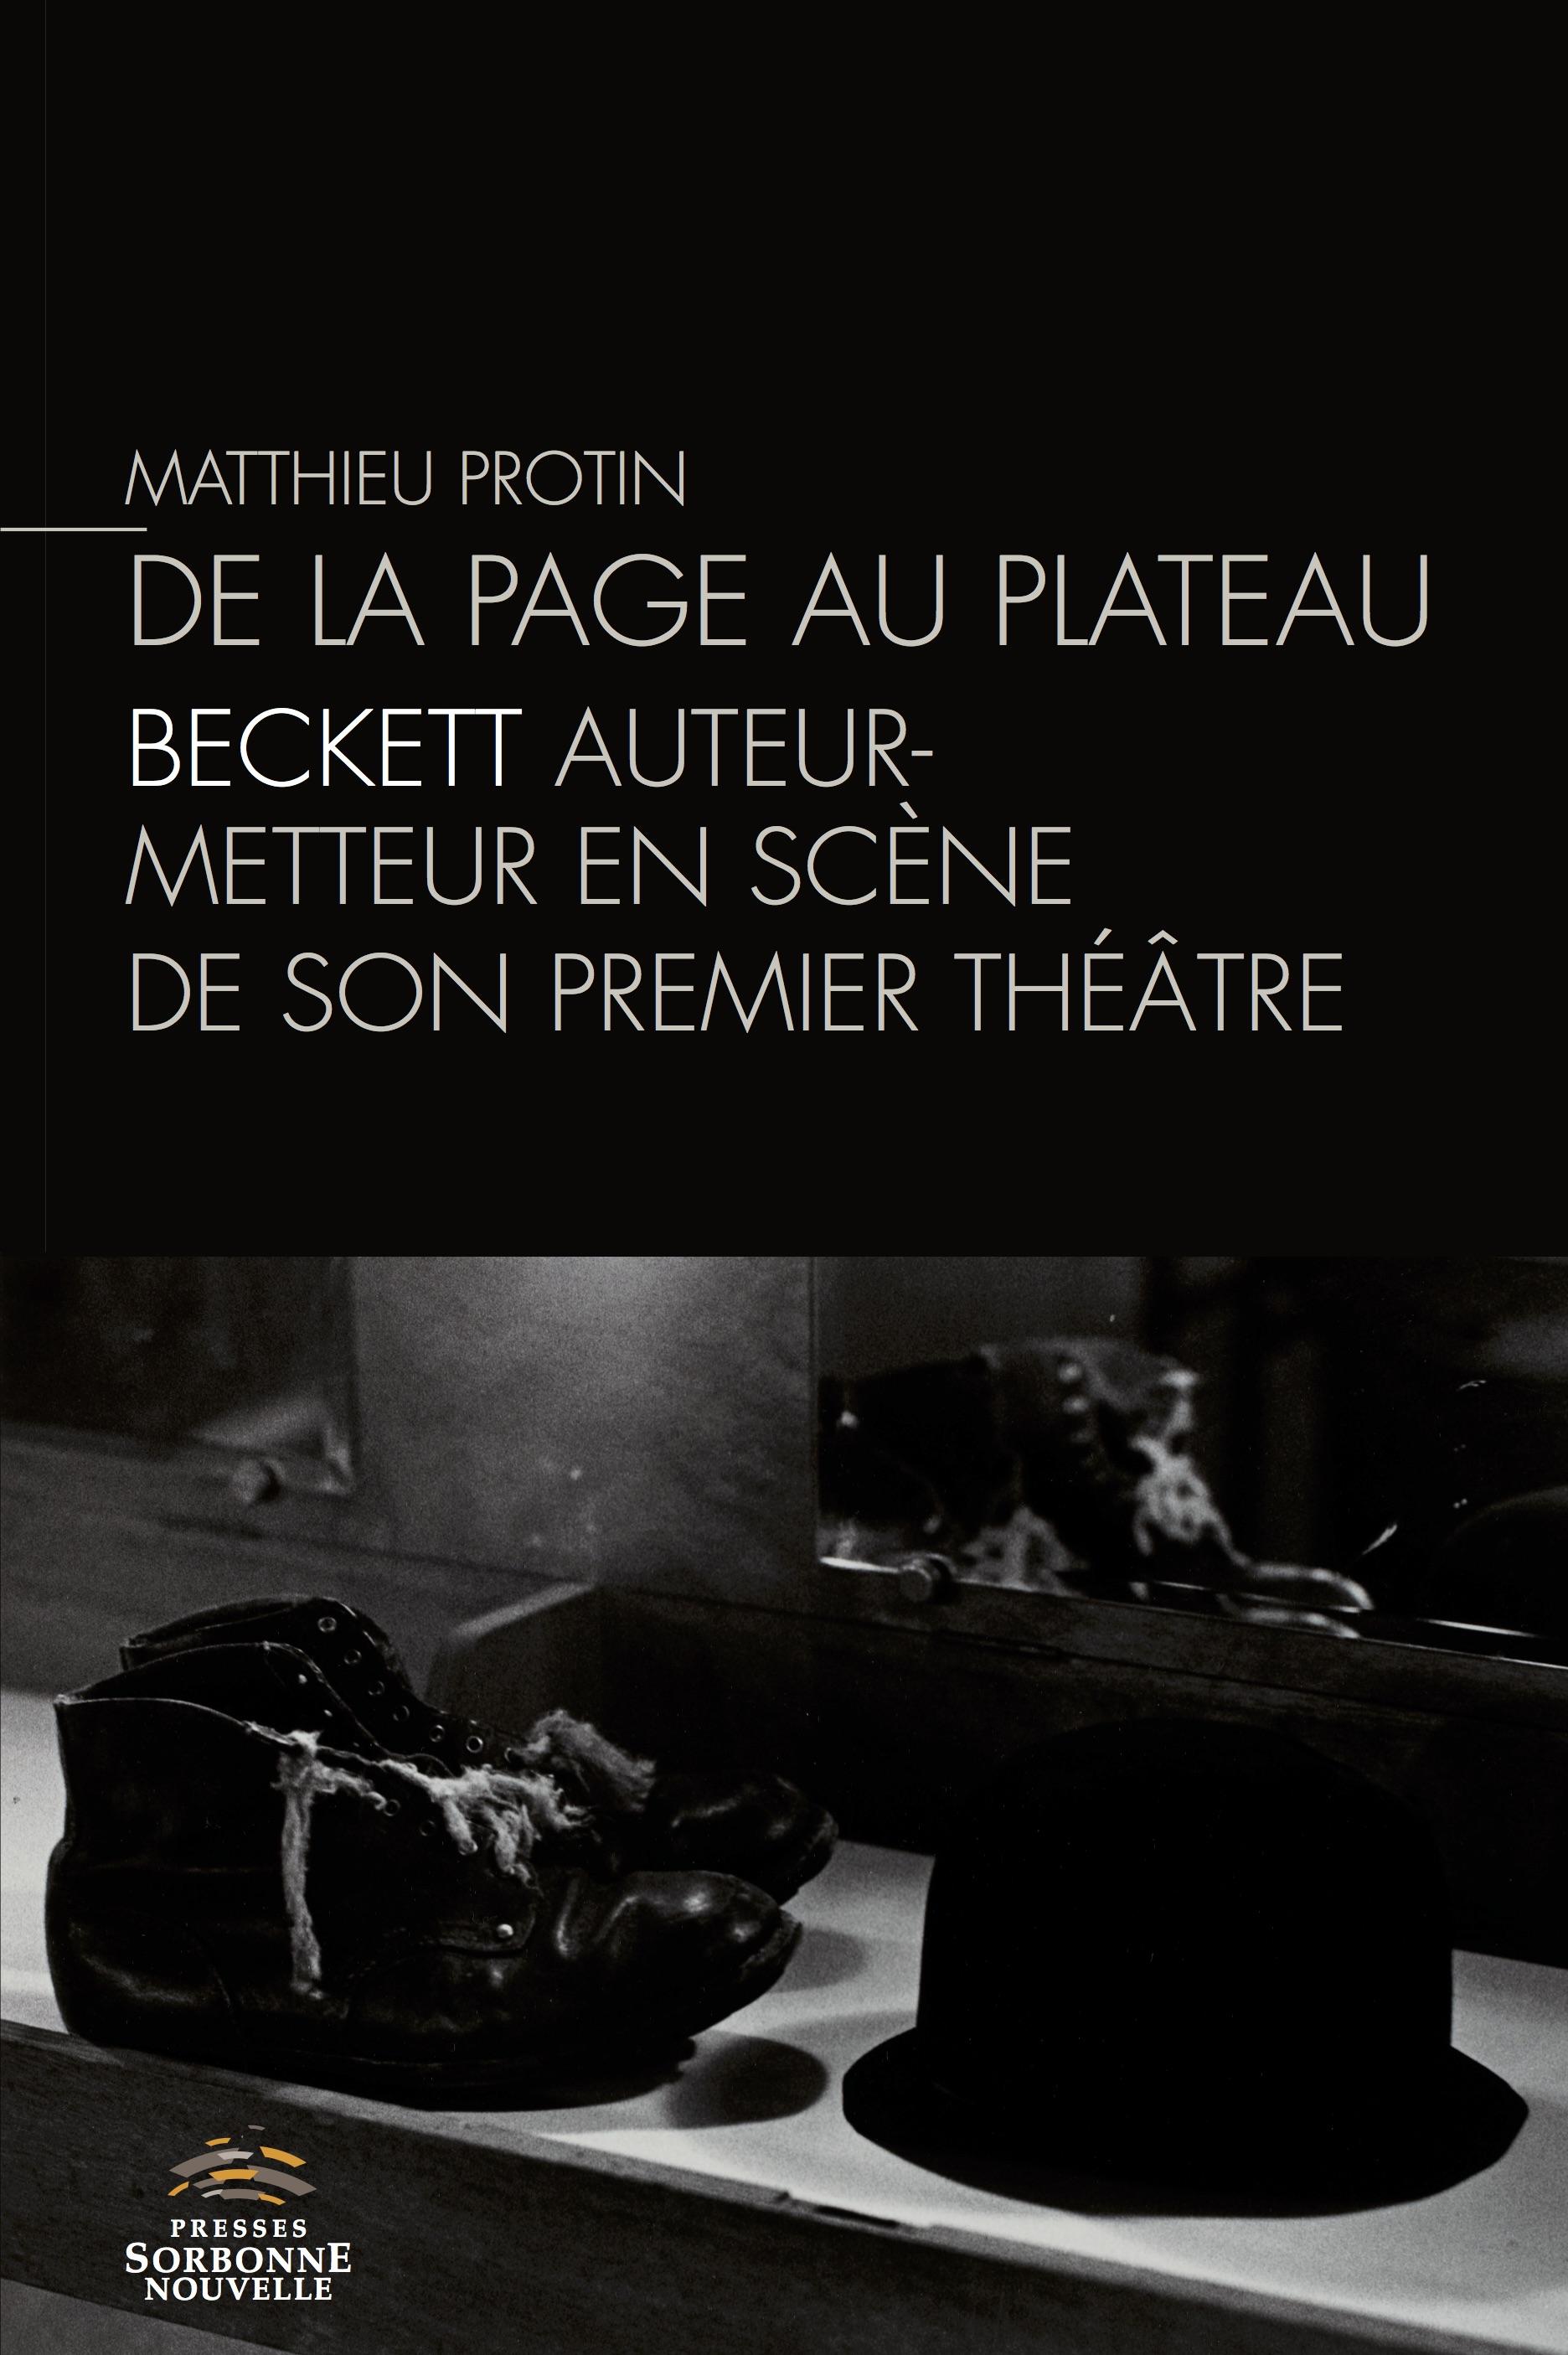 M. Protin, De la page au plateau. Beckett auteur-metteur en scène de son premier théâtre